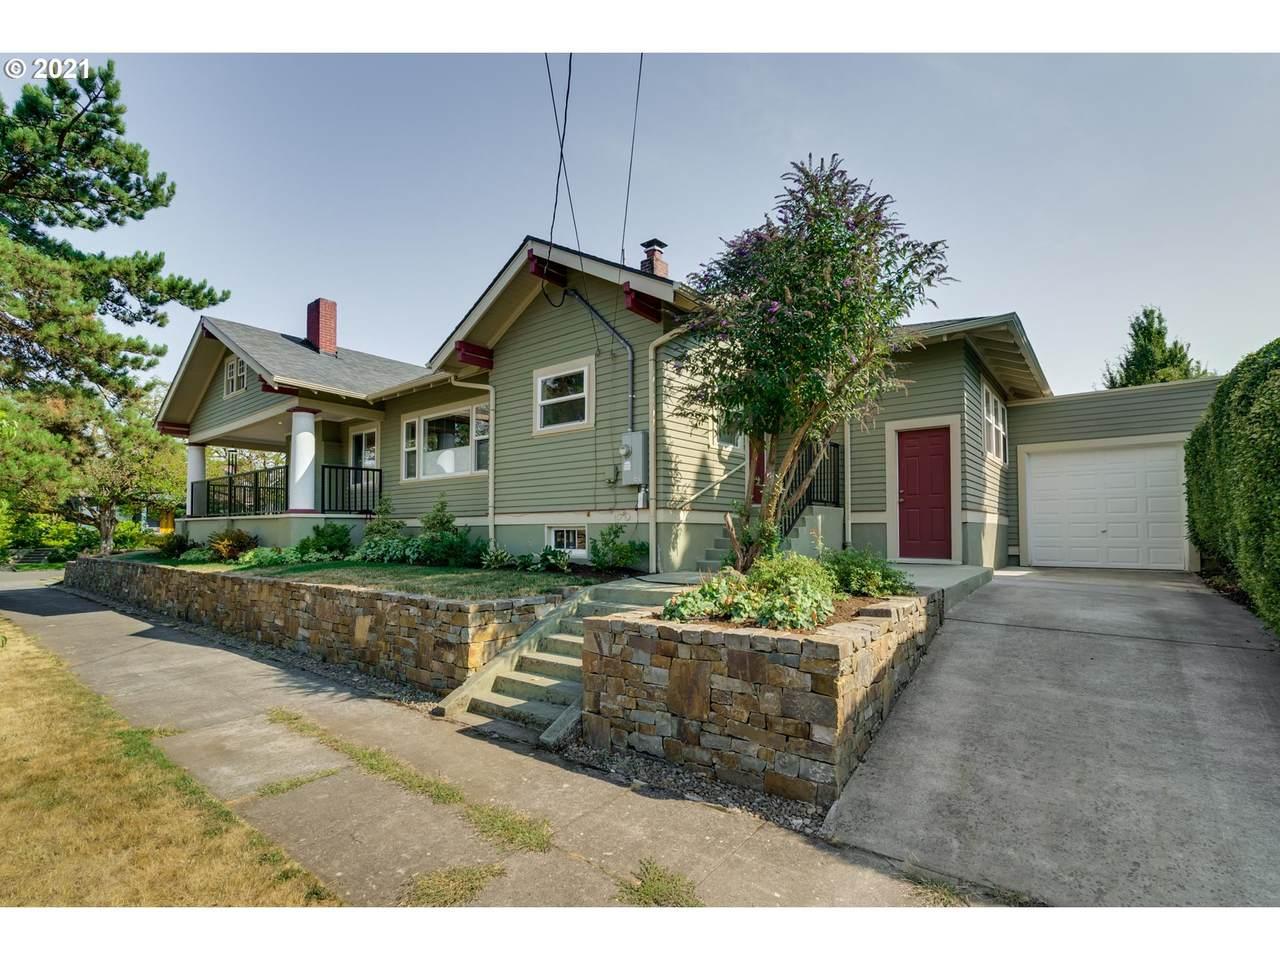 3835 Longview Ave - Photo 1